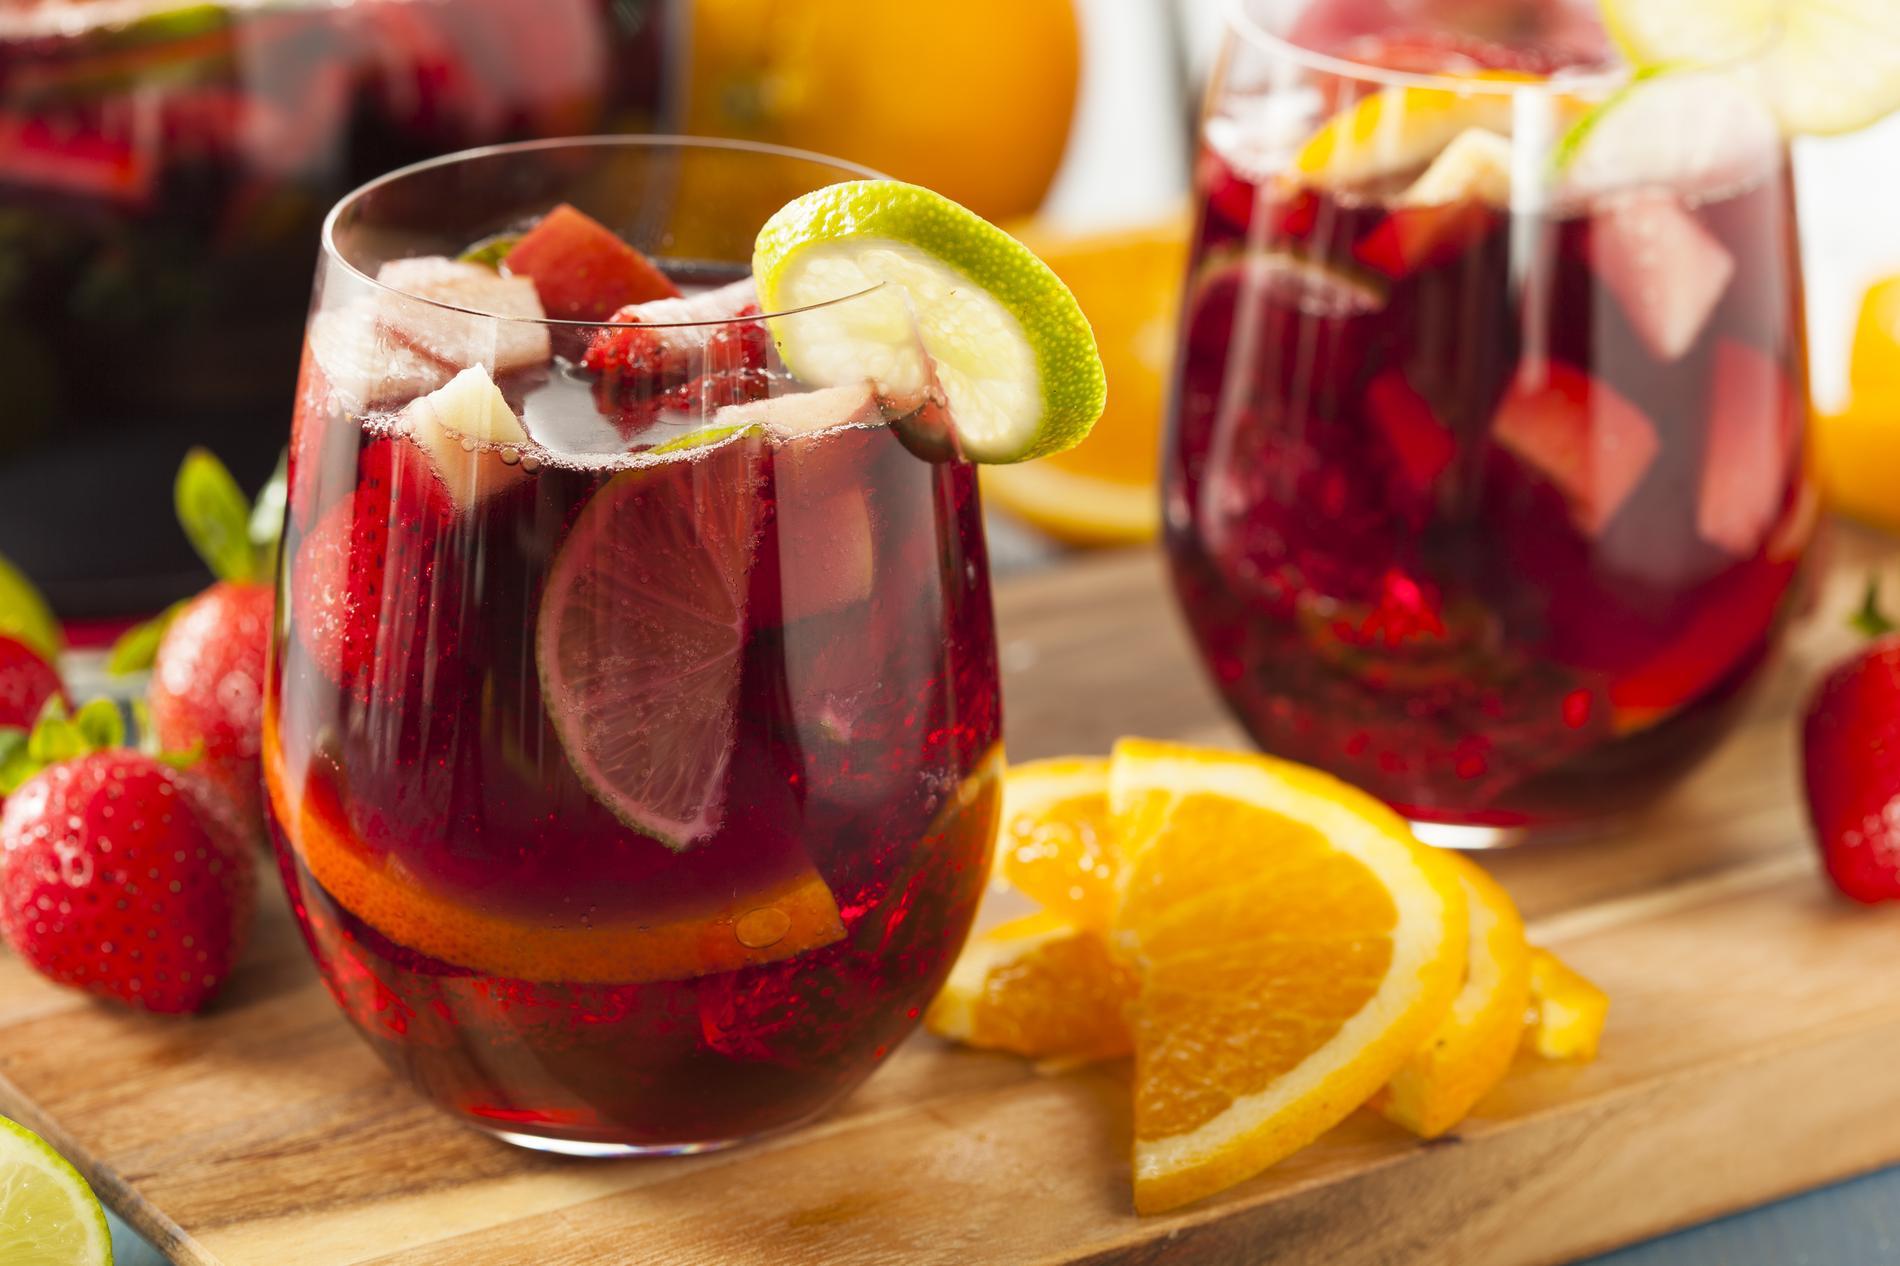 Recette La Sangria Aux Fruits Rouges Sans Alcool Cuisine Madame